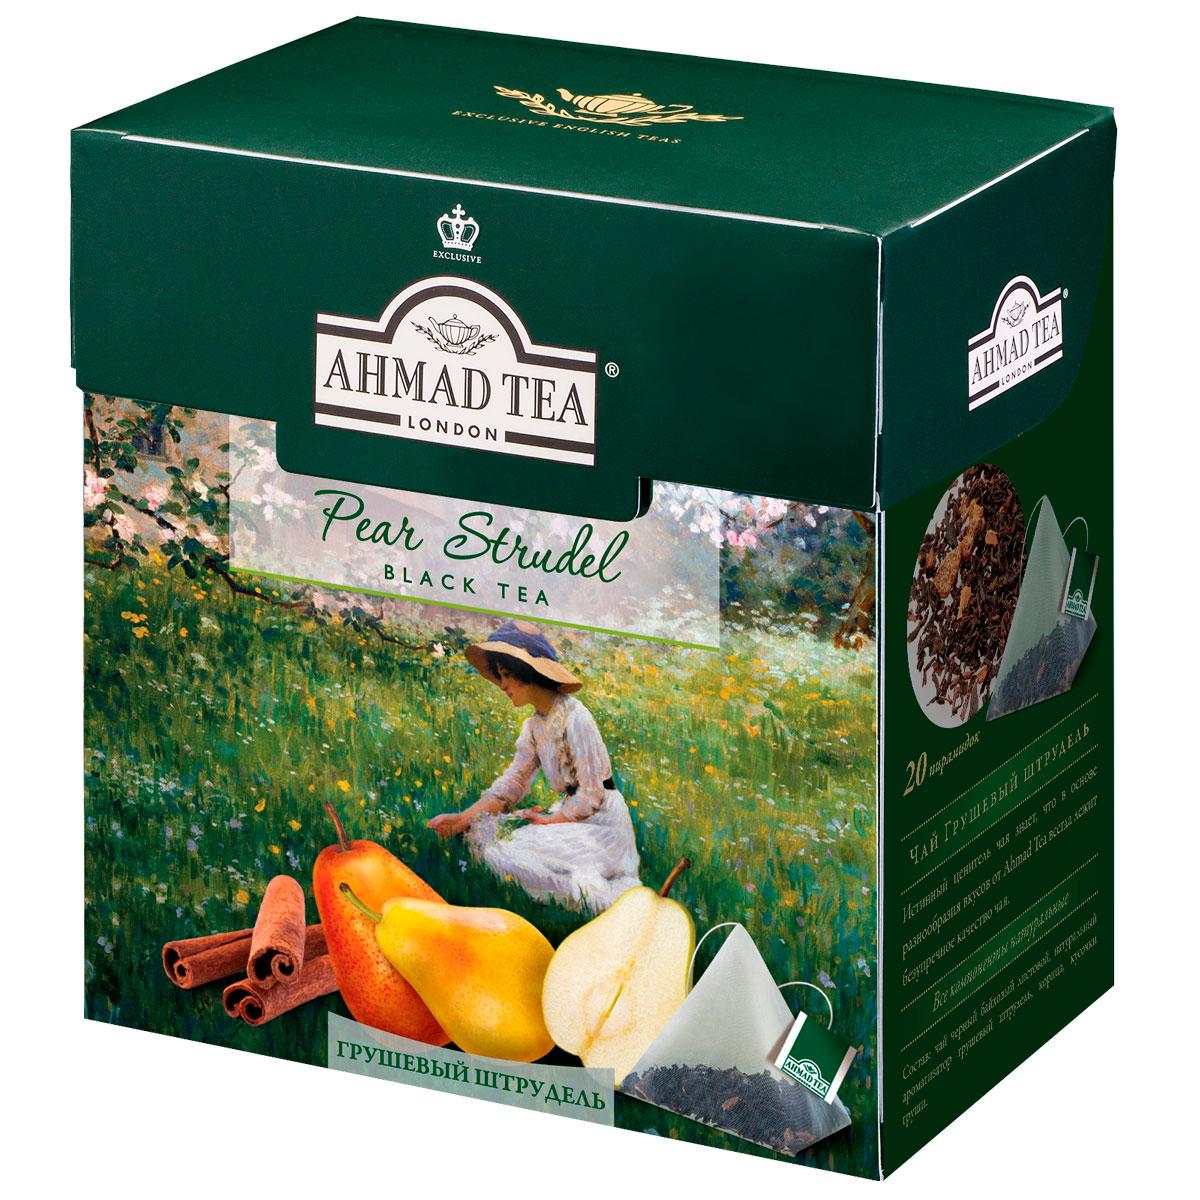 Ahmad Tea Pear Strudel черный чай в пирамидках, 20 шт1236Вкус сладкой груши, теплая нотка корицы и отборный плантационный цейлонский чай в сочетании с чаем Ассам собраны в десертный шедевр Ahmad Tea Pear Strudel.Заваривать 5-7 минут, температура воды 100°С.